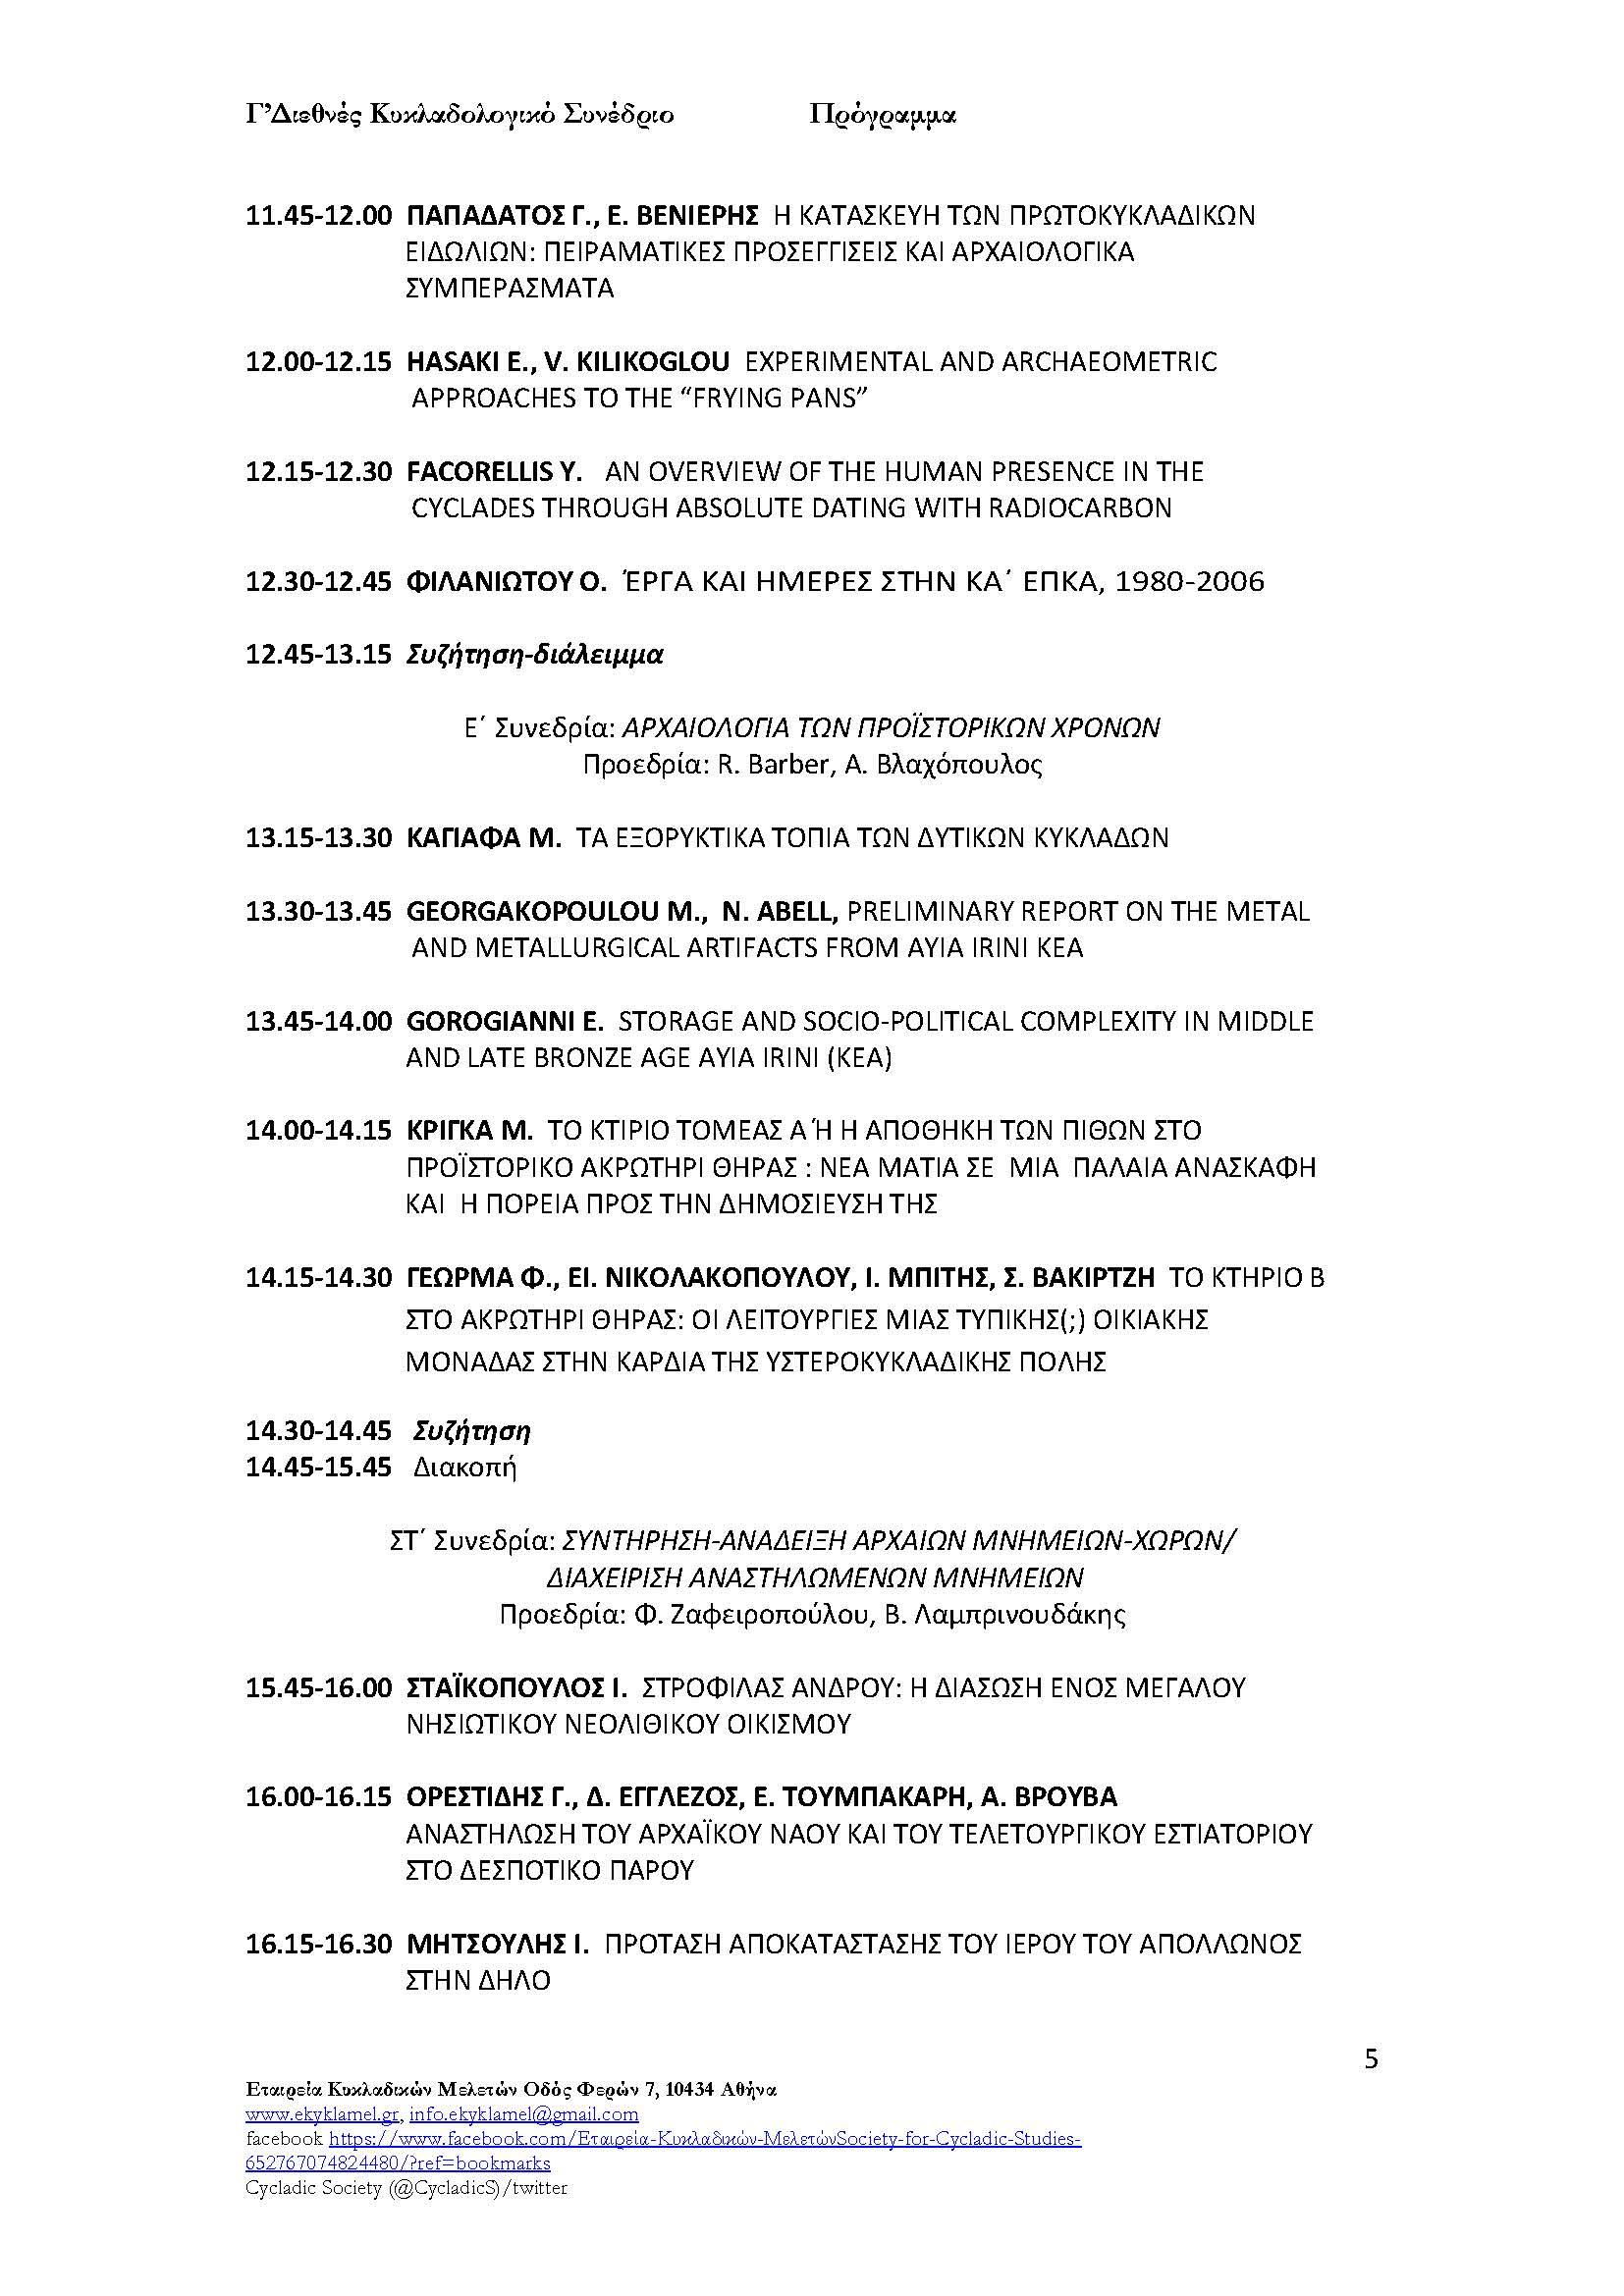 πρόγραμμα Γ' Κυκλαδολογικού Συνεδρίου (1)_Page_05